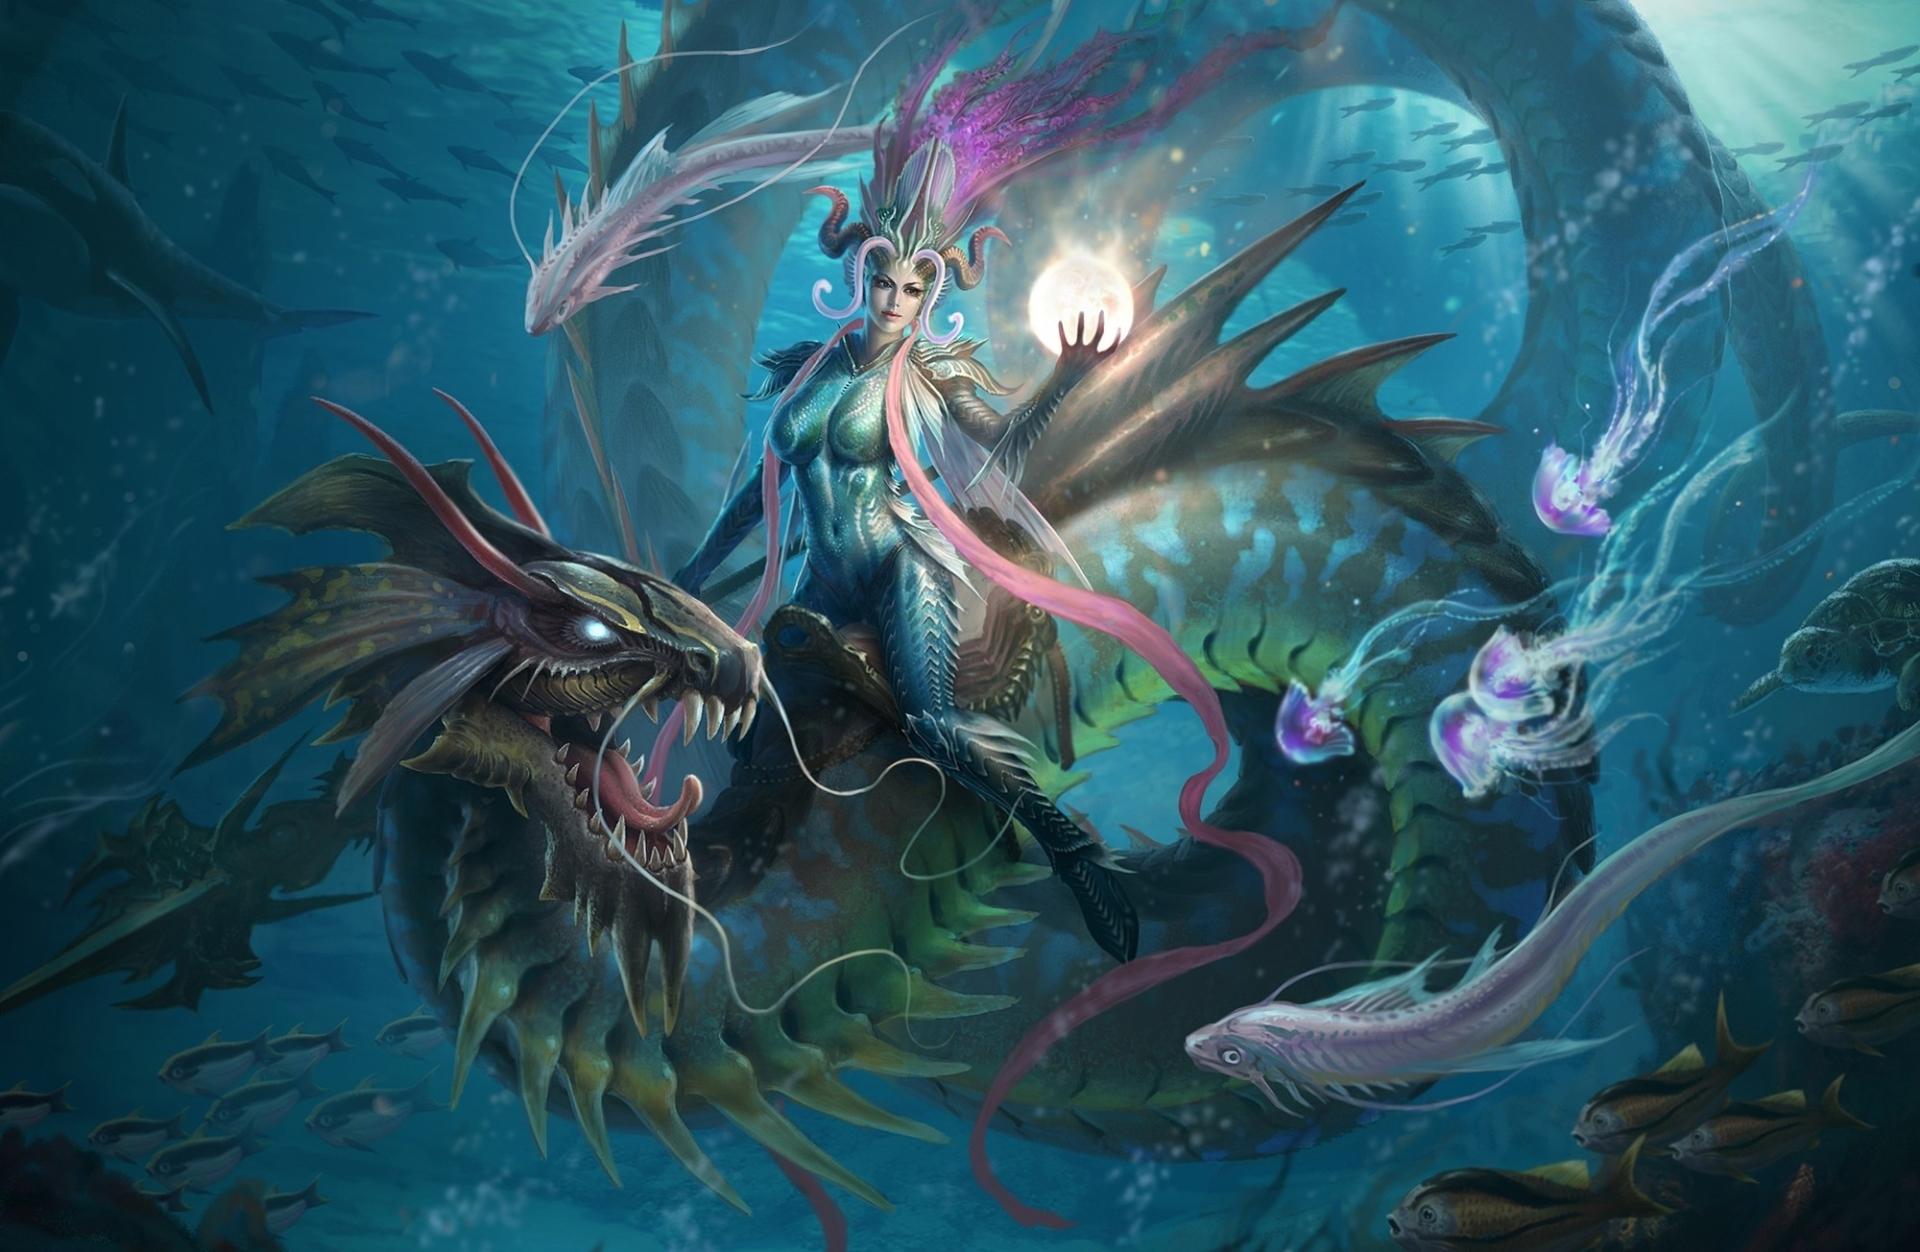 Fondos de pantalla de brujas wallpapers hd de brujas hermosas - Fantastic girl wallpaper hd ...